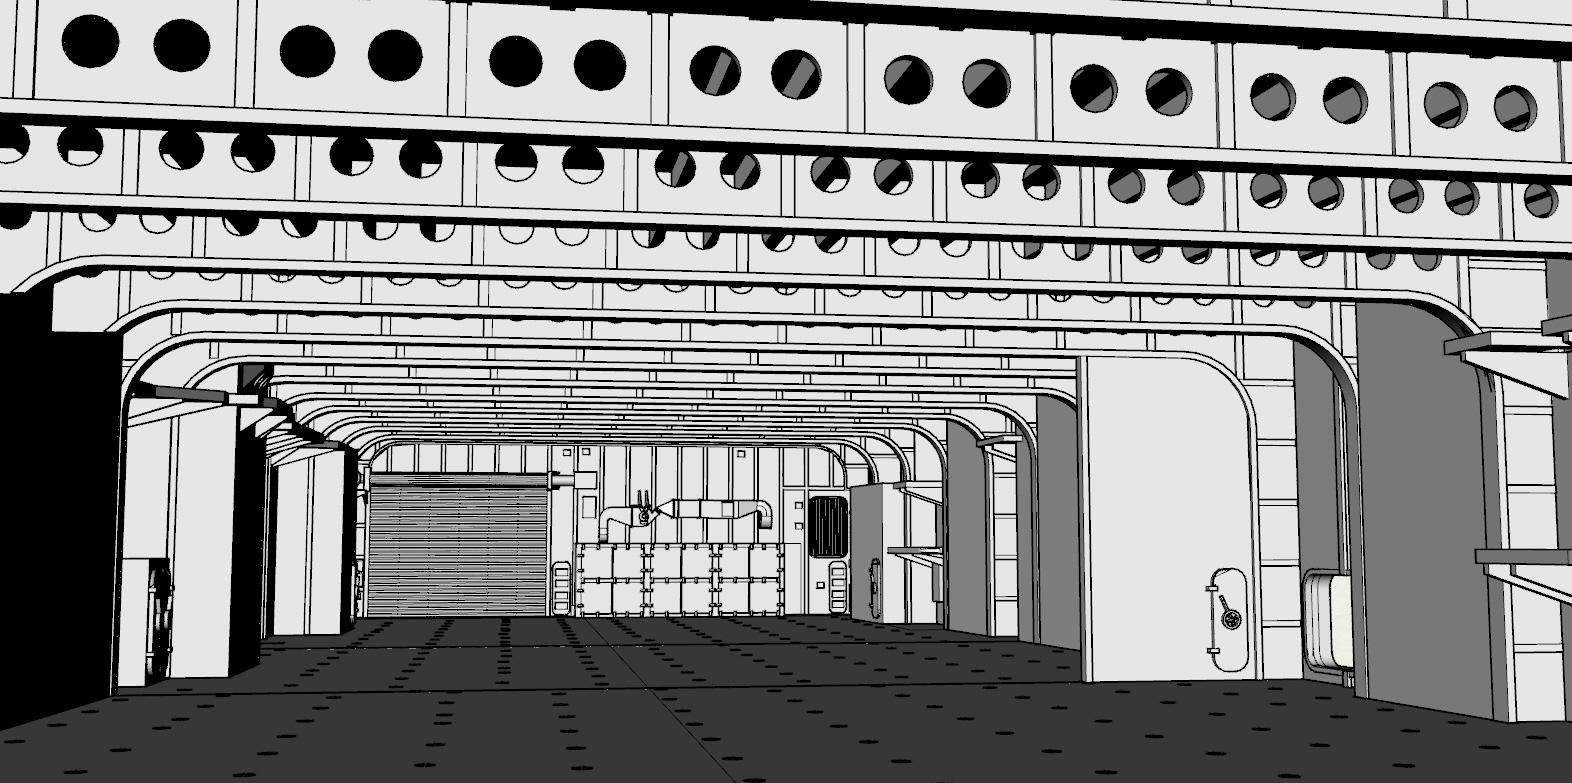 Porte-avions Clemenceau : conception et réalisation d'un kit d'amélioration - Page 2 17081610364123134915225071